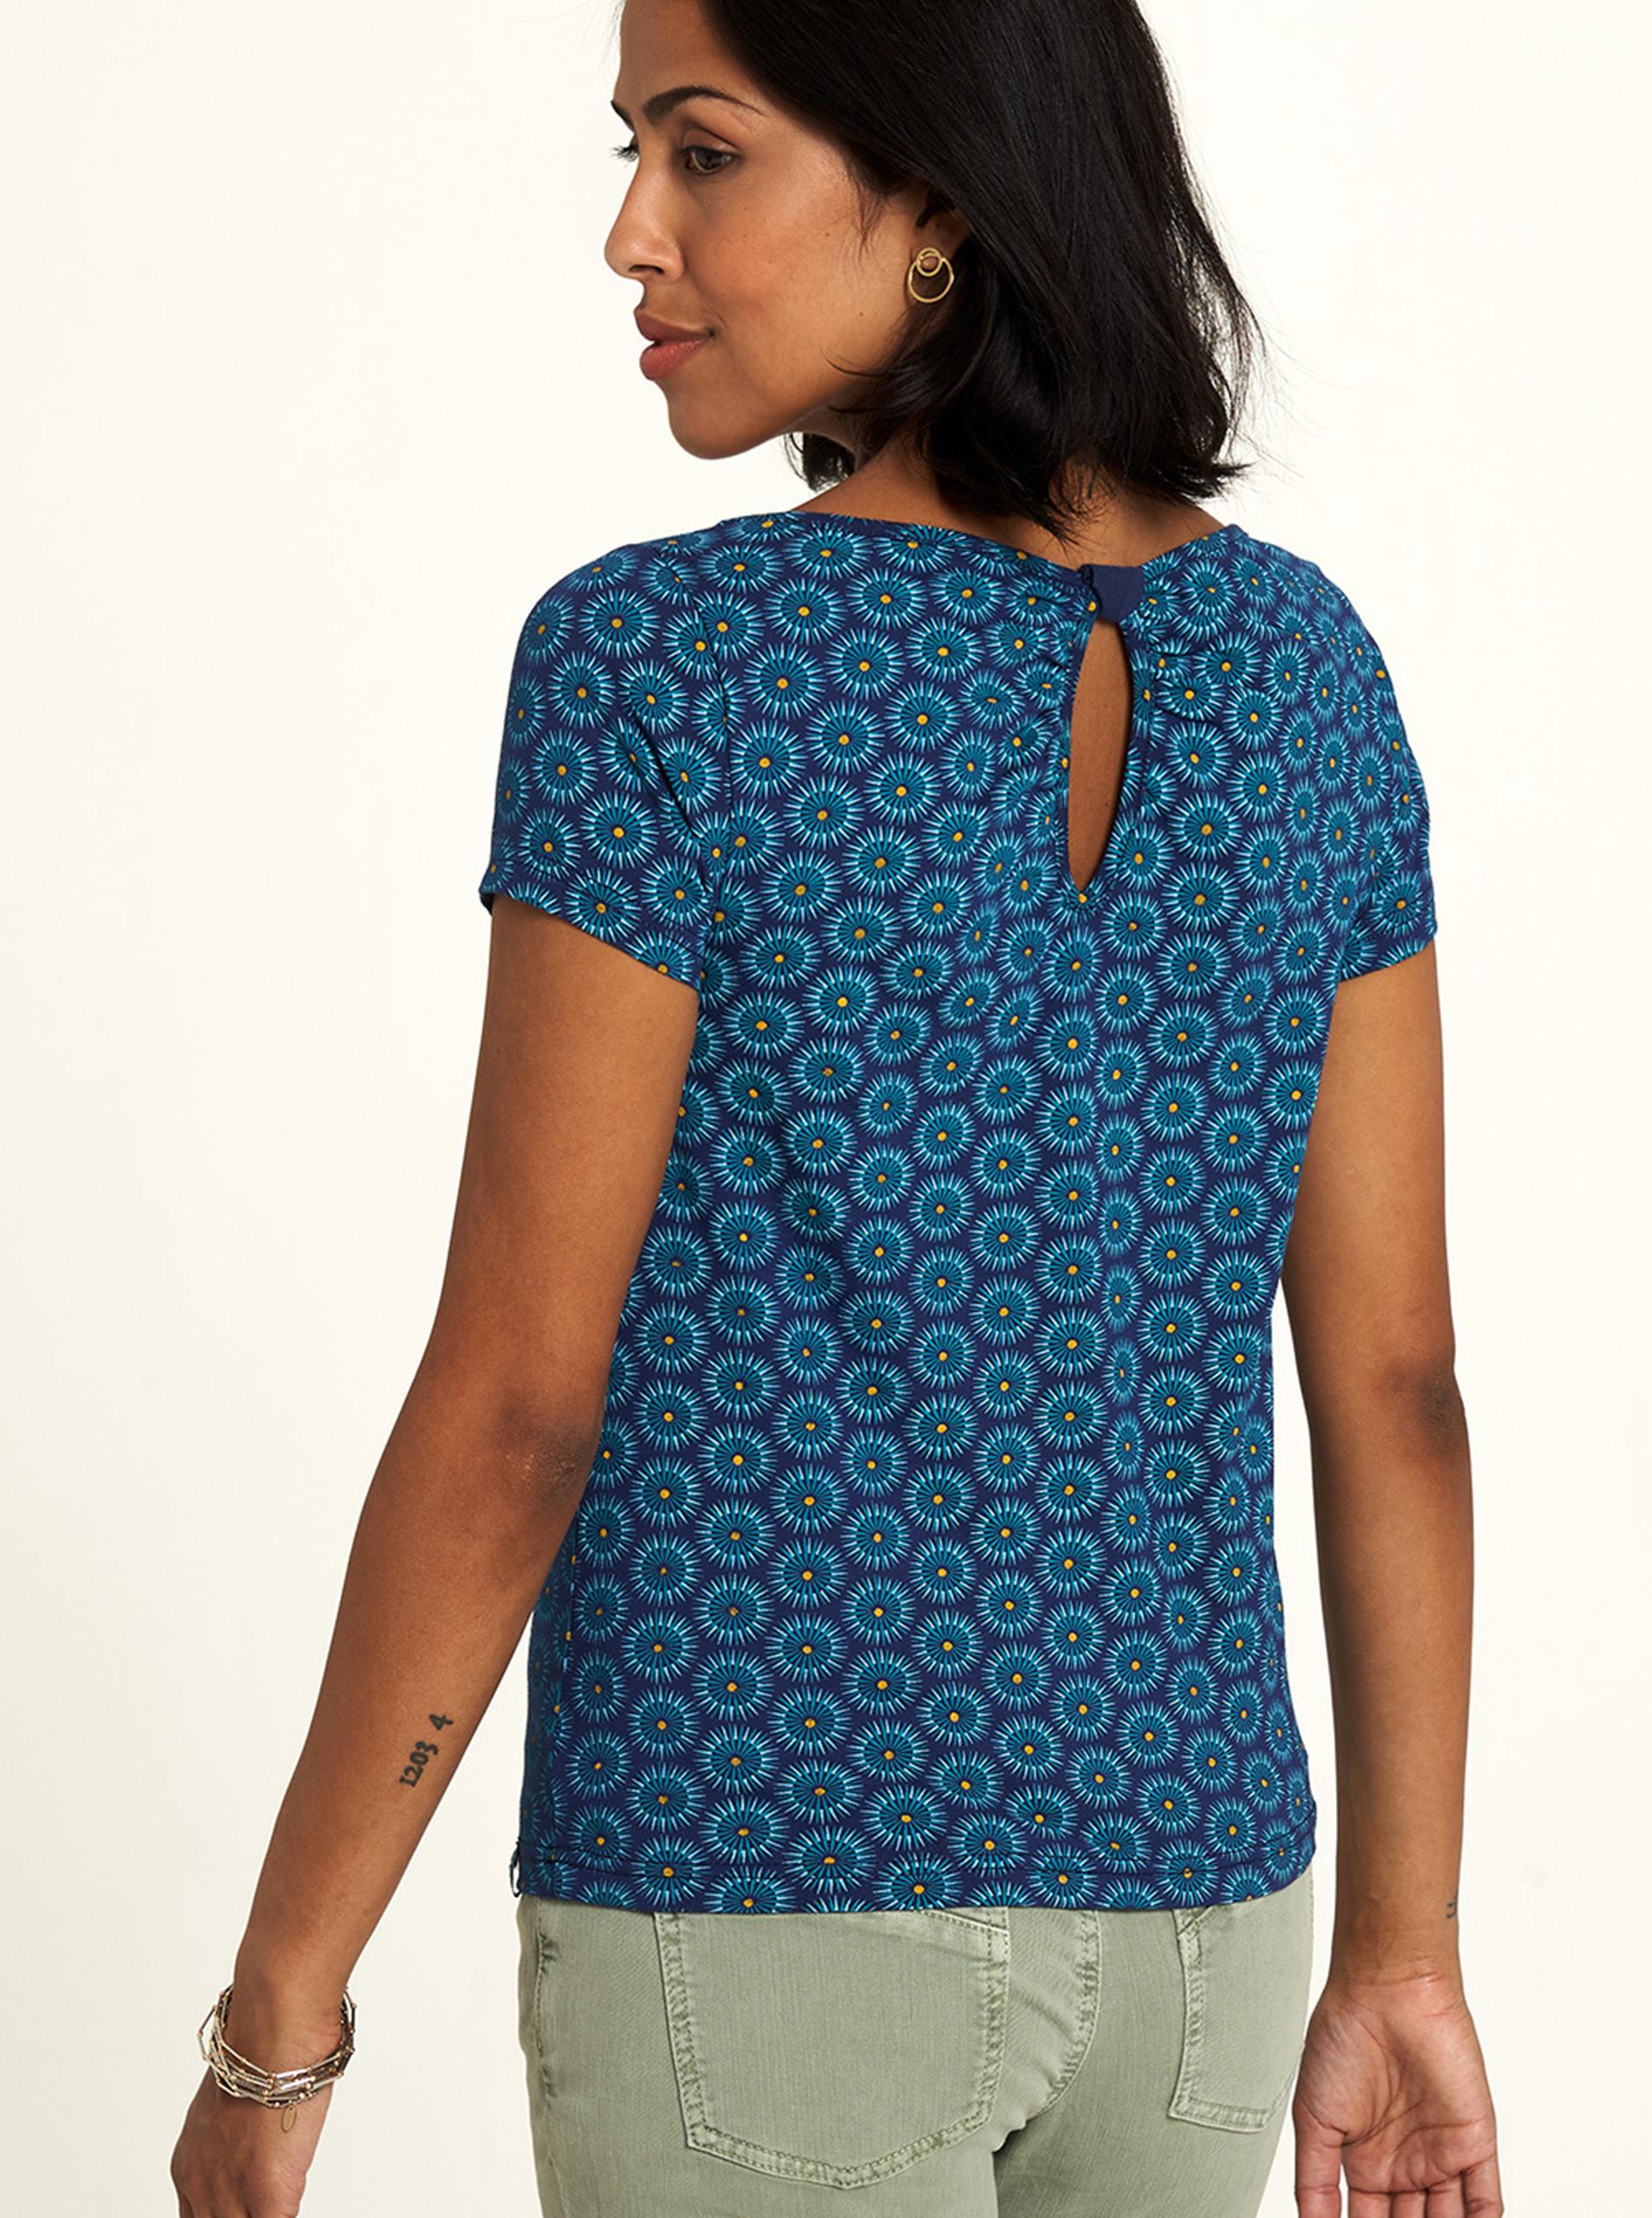 Tranquillo niebieski koszulka z wzorem